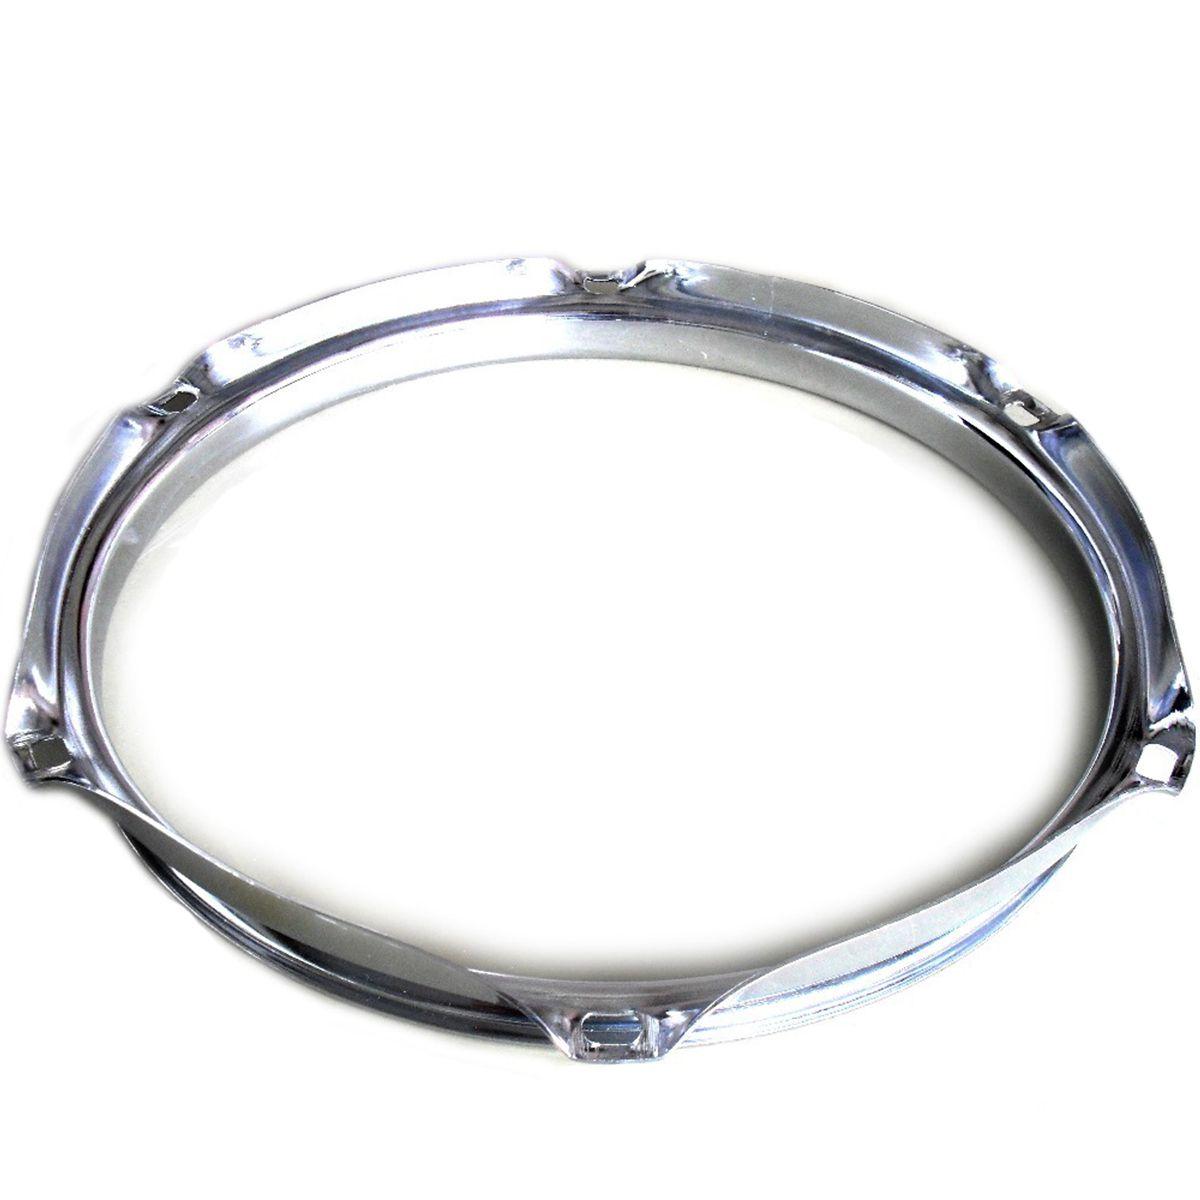 Aro de Alumínio Spanking 10 1.60mm com 06 Furos